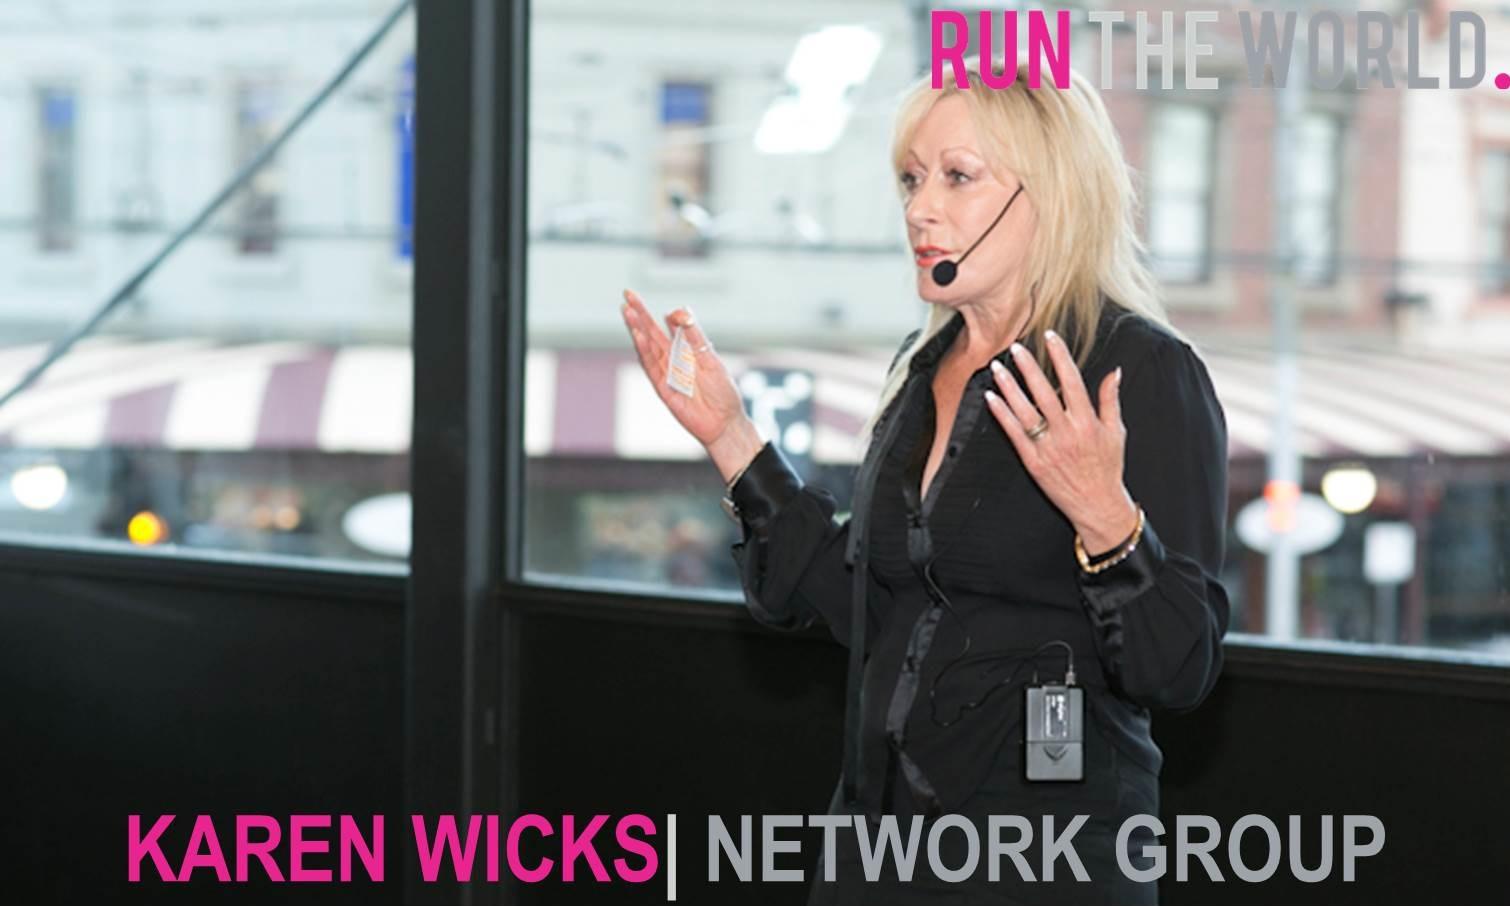 Karen Wicks - Network Group - Better with logo.jpg